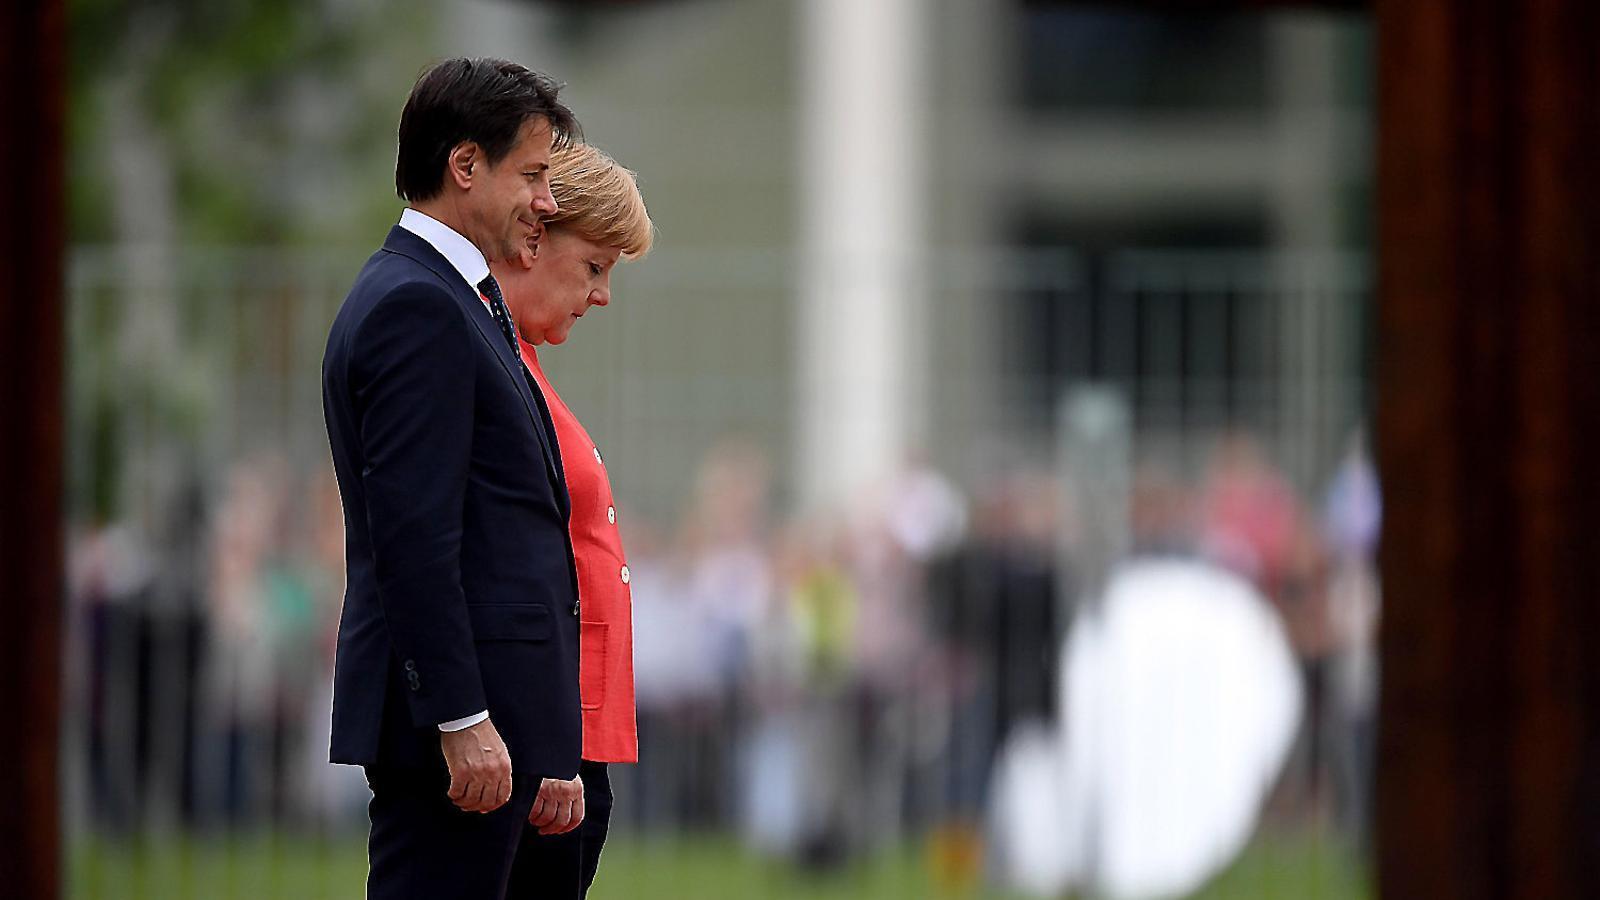 Ultimàtum a Merkel sobre immigració